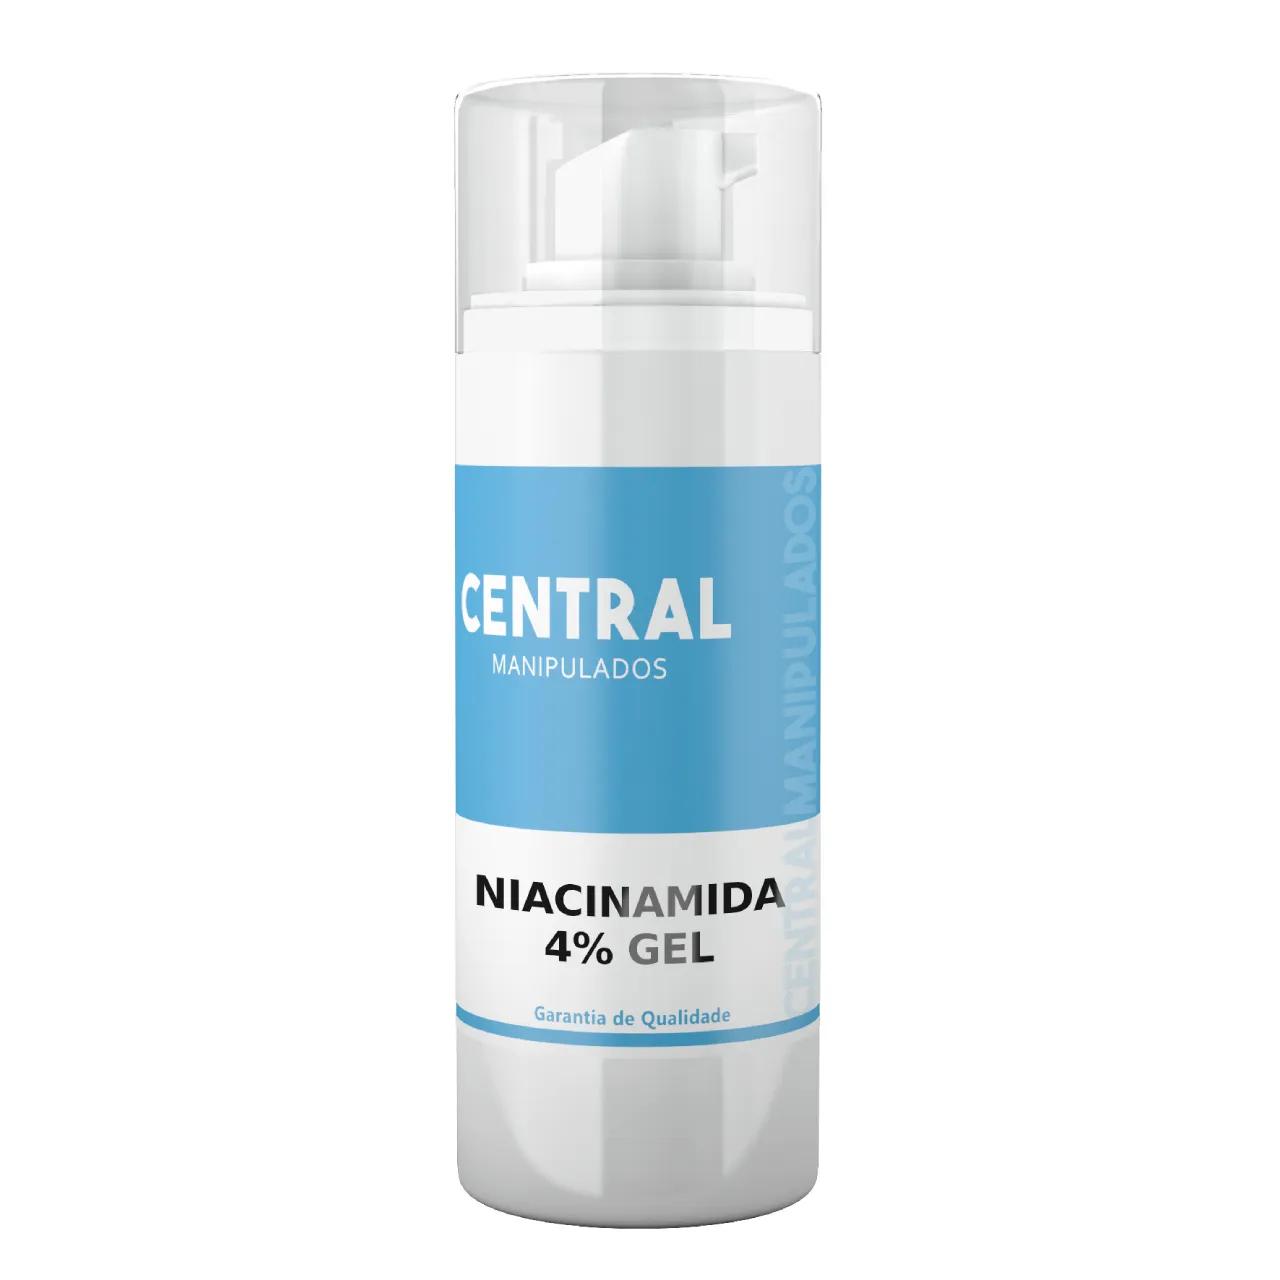 Niacinamida 4% Gel 30g - Ação Antienvelhecimento, uniformidade da pele, ação anti-inflamatória, que ajuda a combater a acne